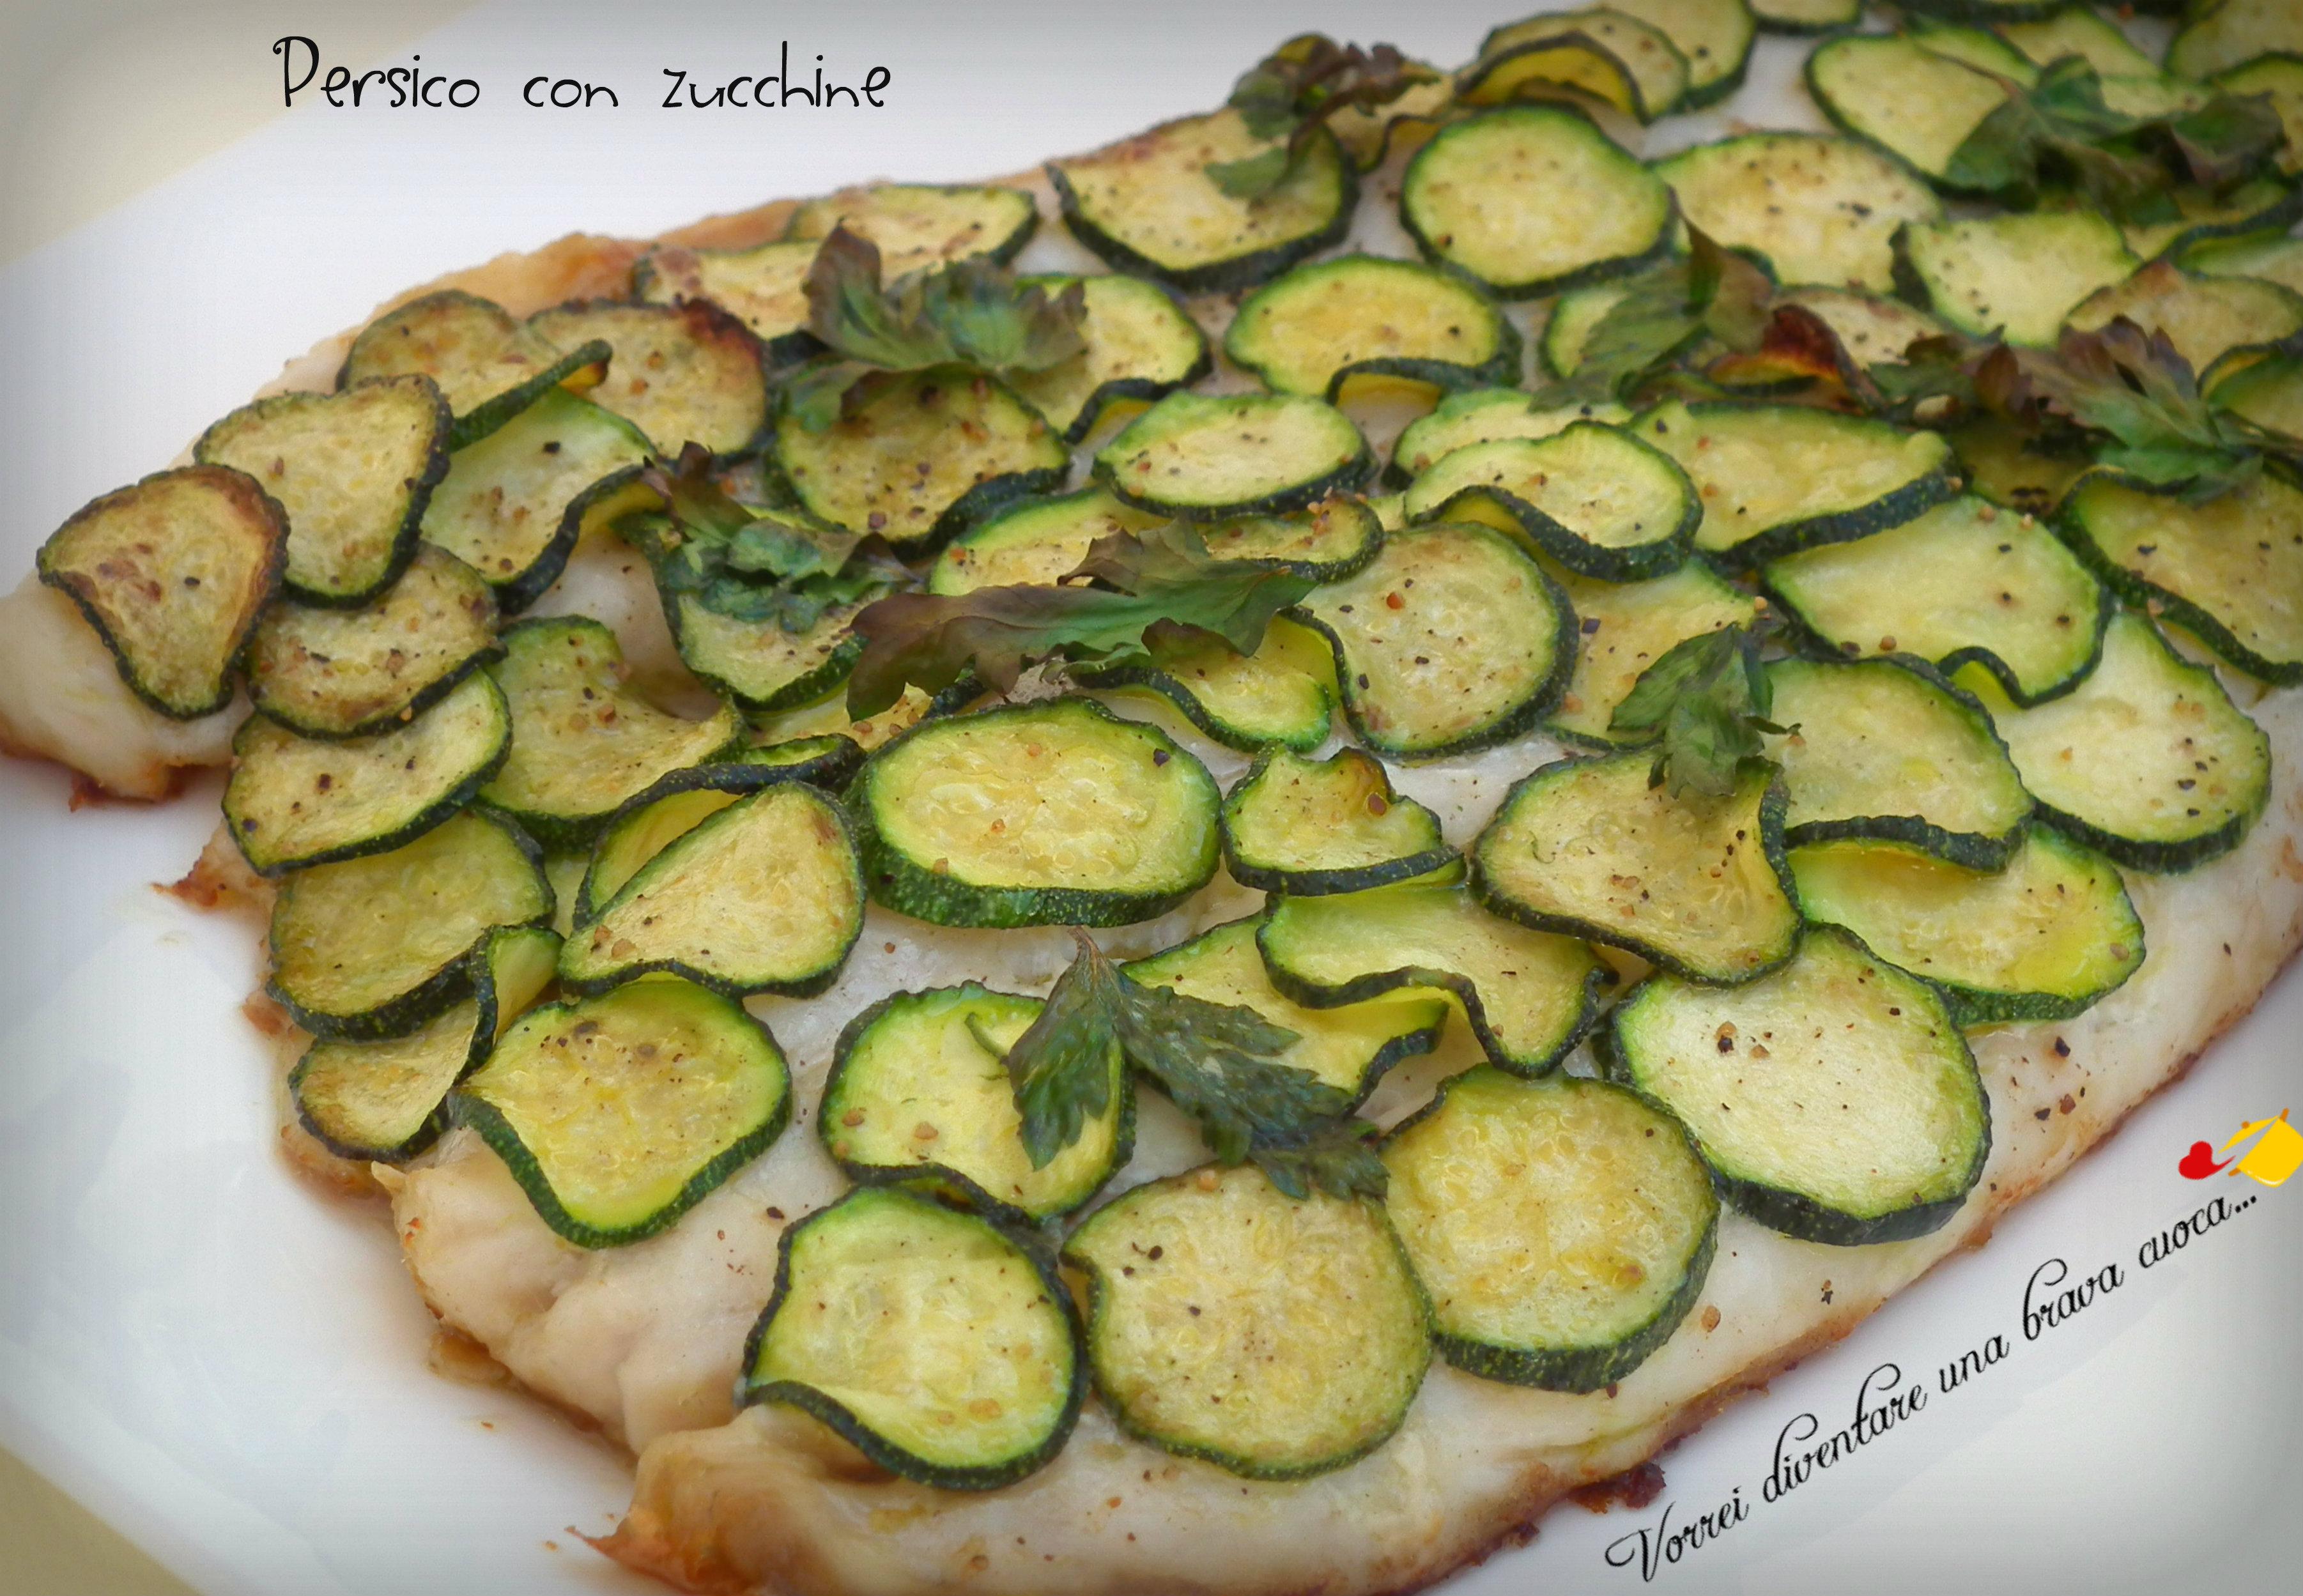 Filetti di persico al forno La Cucina di Nonna Papera 0a80fed04f4c